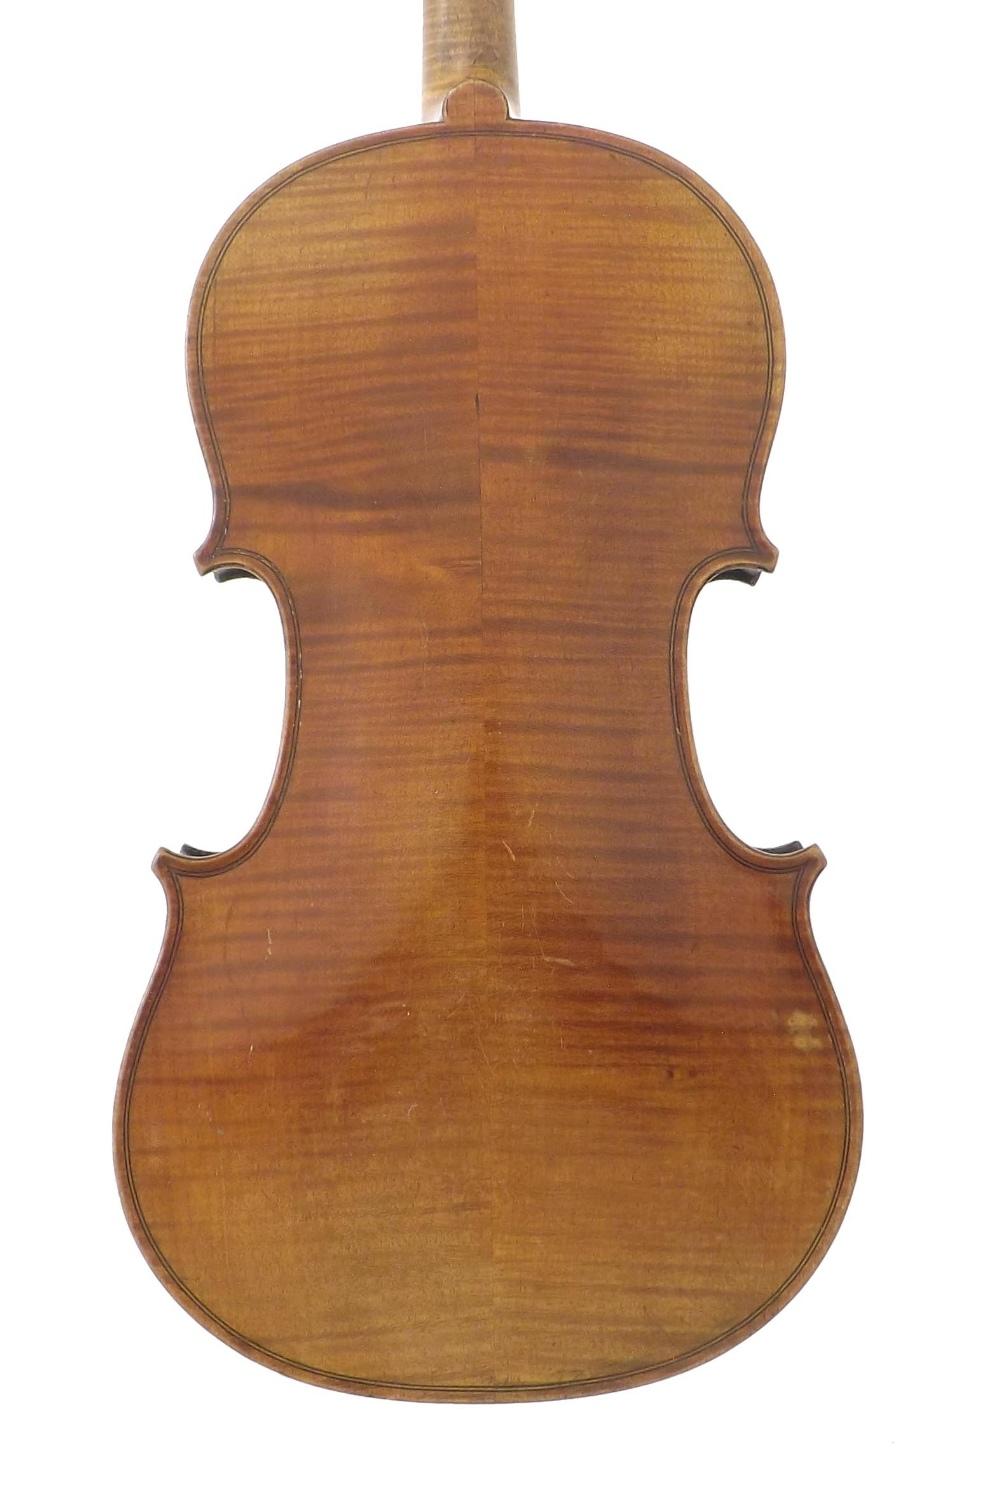 French violin labelled Fini Sous la Direction de Caressa & Francais, Luthiers du Conservatoire, 4, - Image 2 of 3